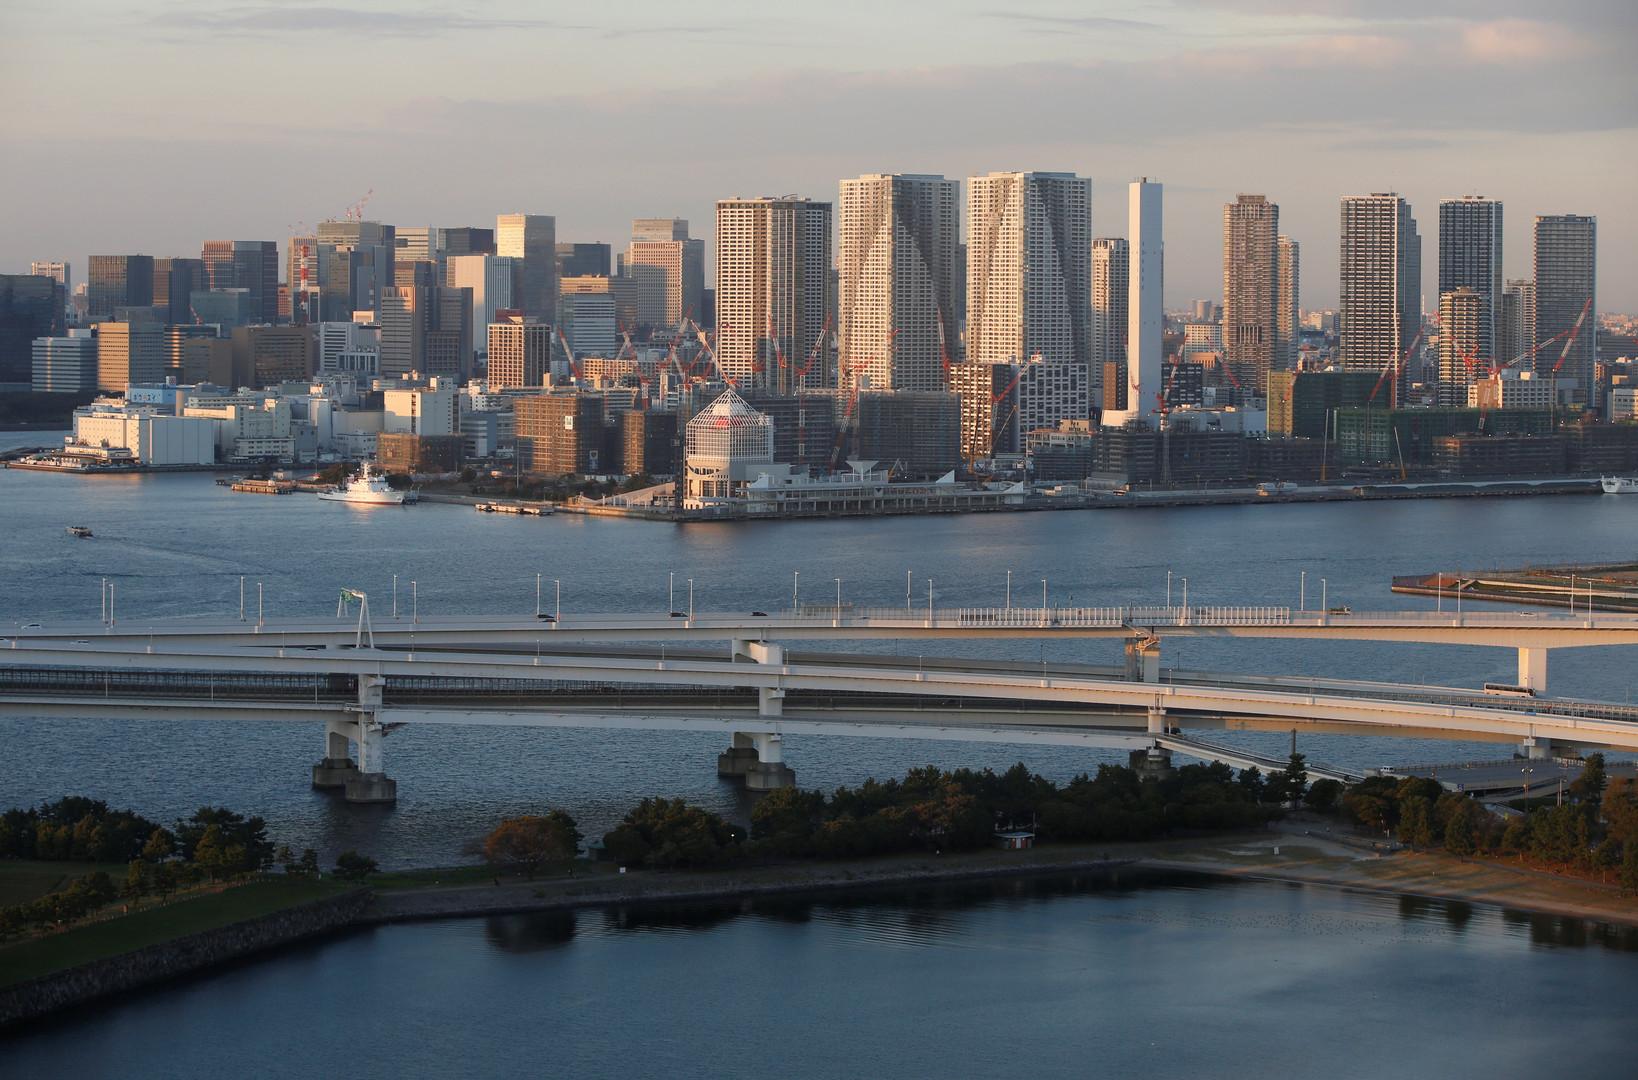 طوكيو تستقبل ترامب بهزة أرضية عنيفة